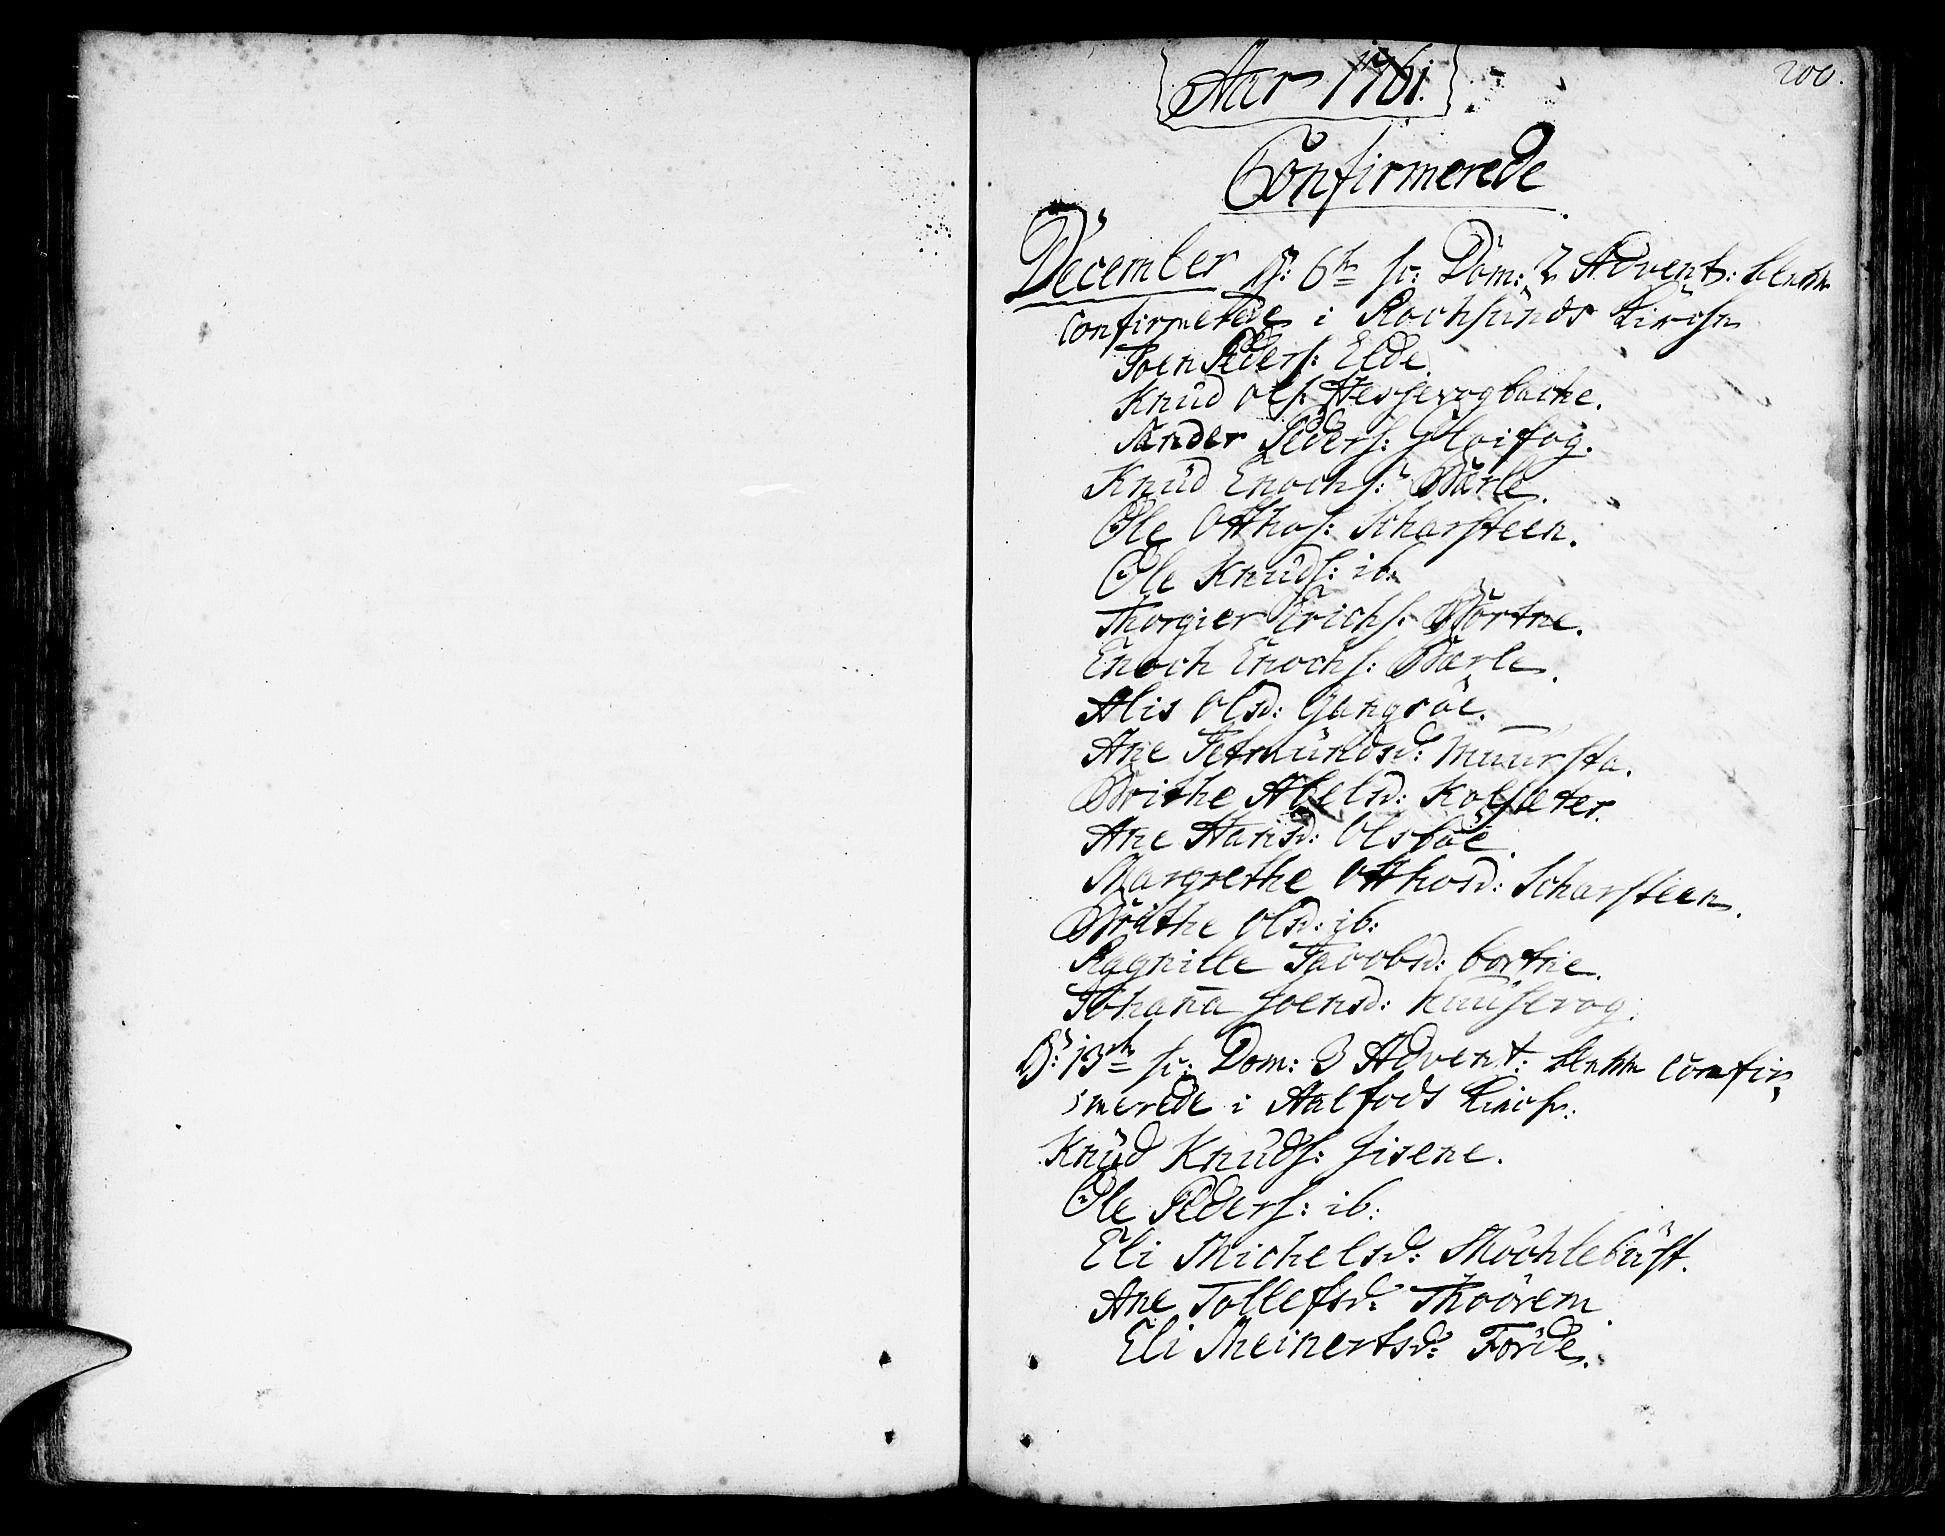 SAB, Davik Sokneprestembete, Ministerialbok nr. A 2, 1742-1816, s. 200